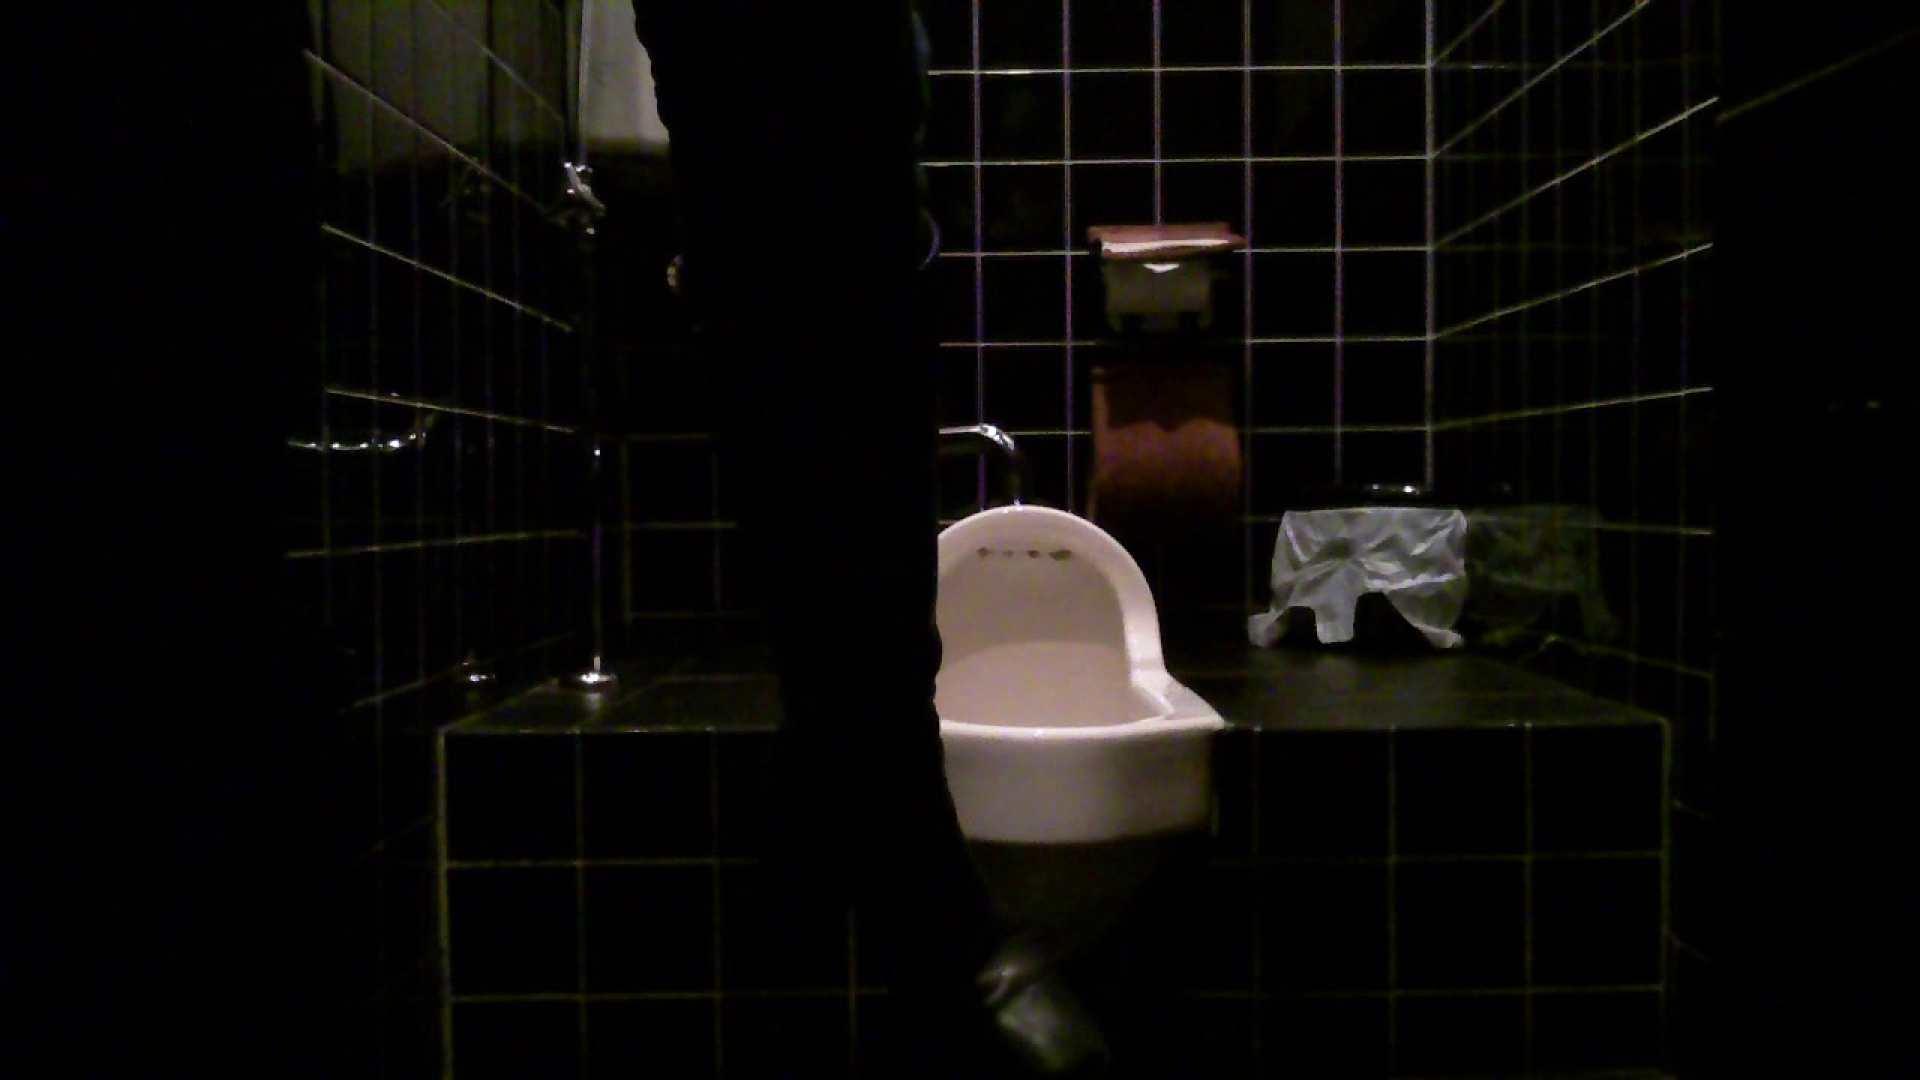 美女の集まる飲み屋洗面所 vol.05 OLの実態 覗きスケベ動画紹介 61pic 54